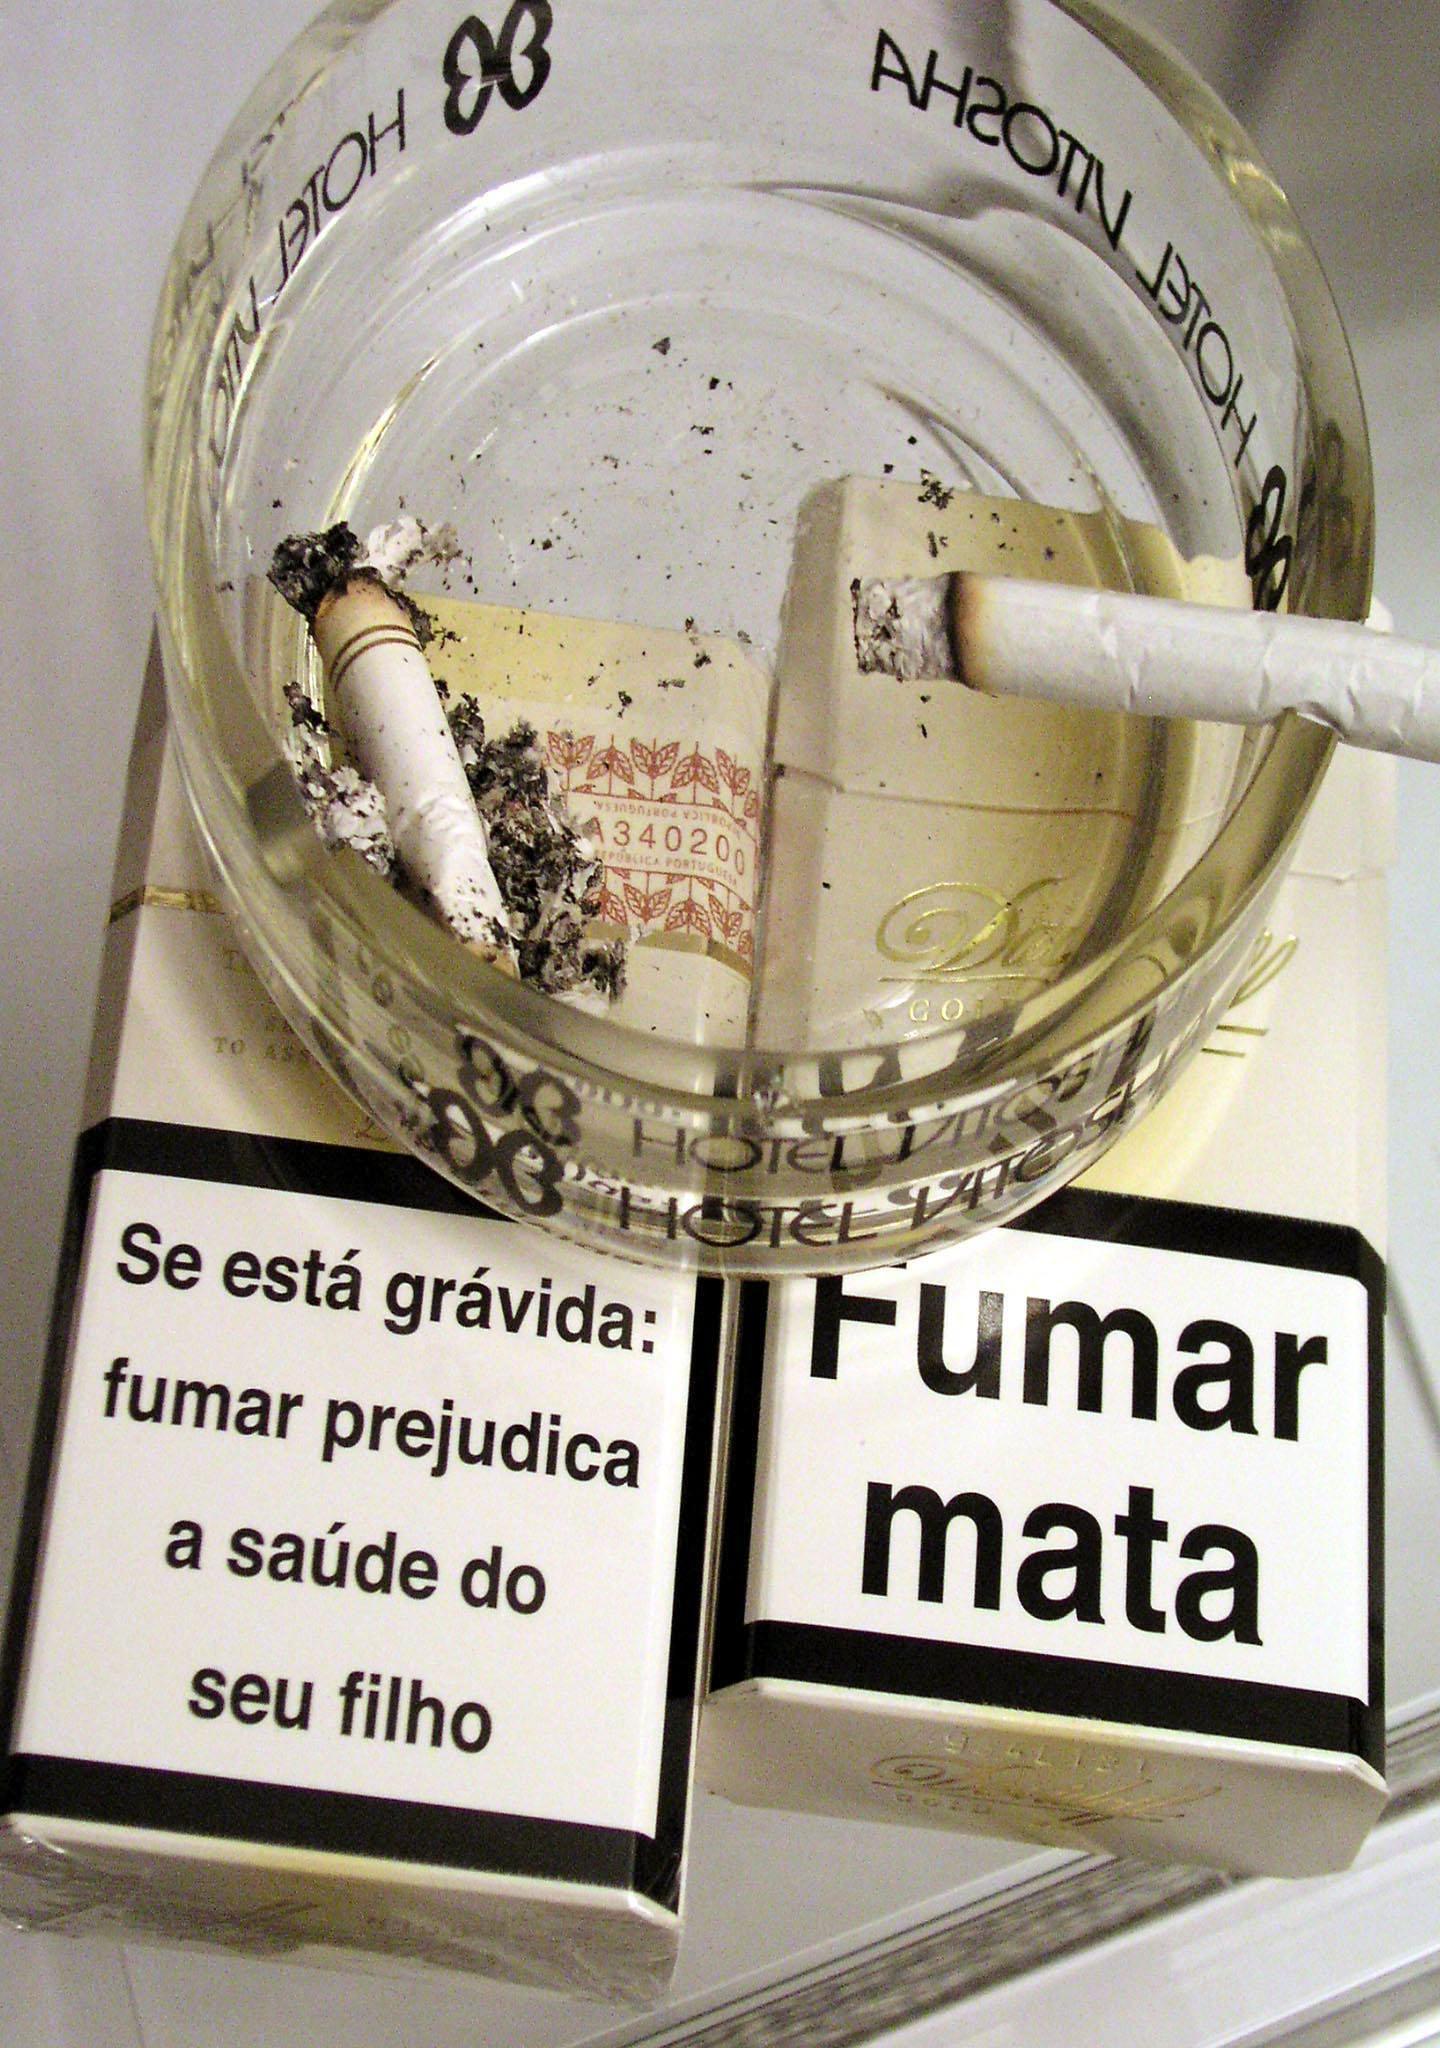 O estômago deixou de fumar e cresceu